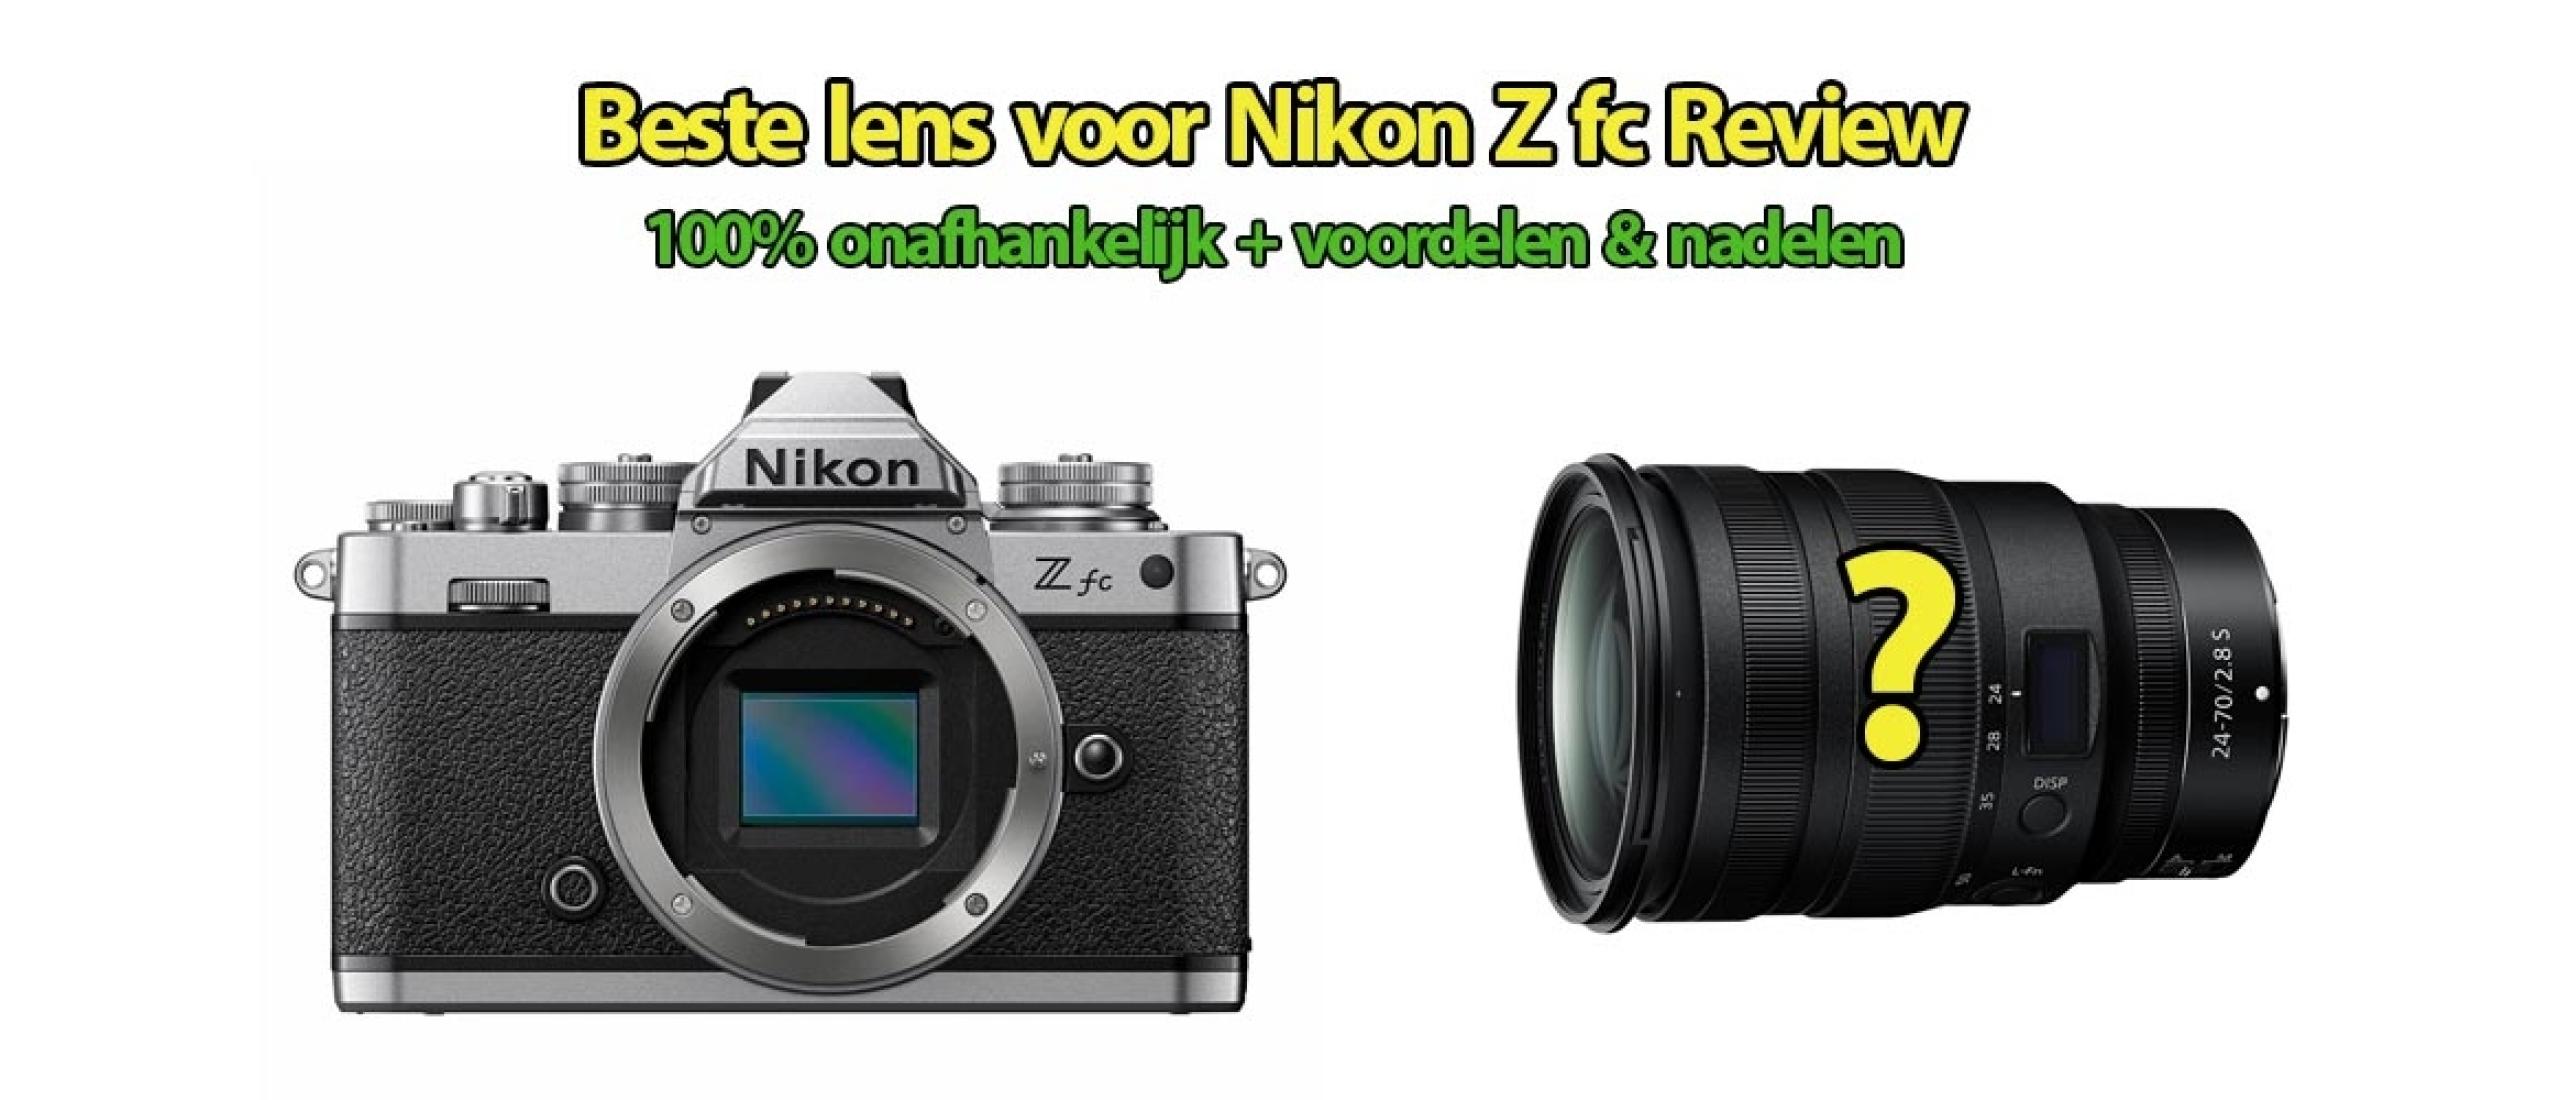 Beste lens voor Nikon Z fc